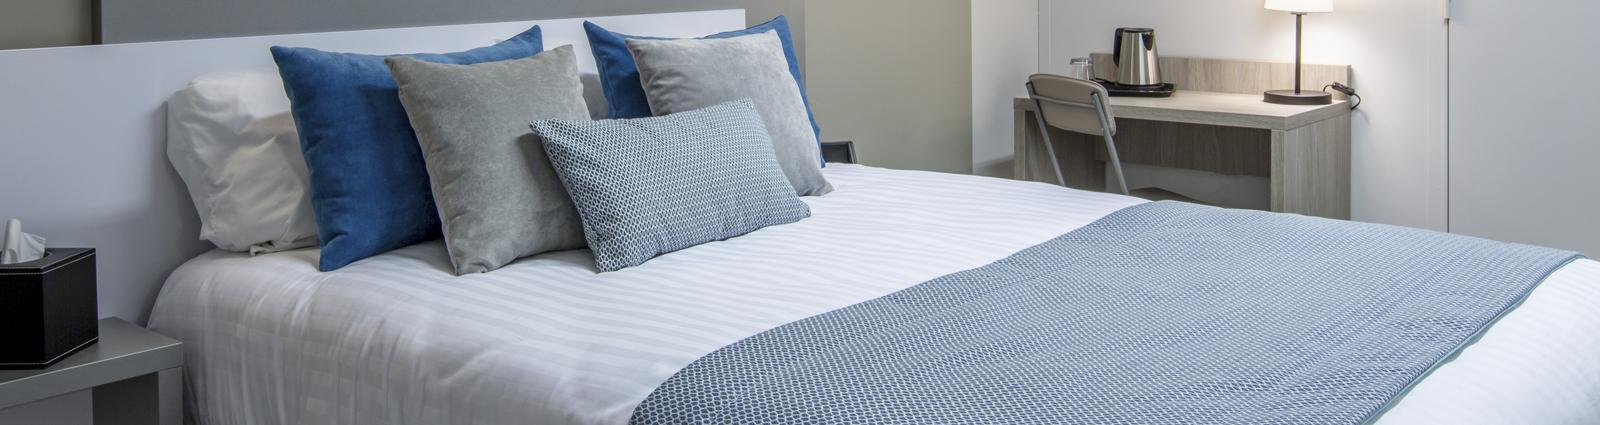 Cache-sommiers, chemins de lits, coussins ou encore couvre-lits, sont aujourd'hui devenus des éléments quasi indispensables pour soigner la décoration de vos chambres d'hôtel. Habillez et sublimez vos lits avec le textile de décoration. Des collections complètes coordonnées d'habillage de lit vous sont proposées mais vous pouvez également mixer différents éléments de plusieurs gammes, à vous de voir selon la décoration de vos chambres et les ambiances que vous souhaitez créer.